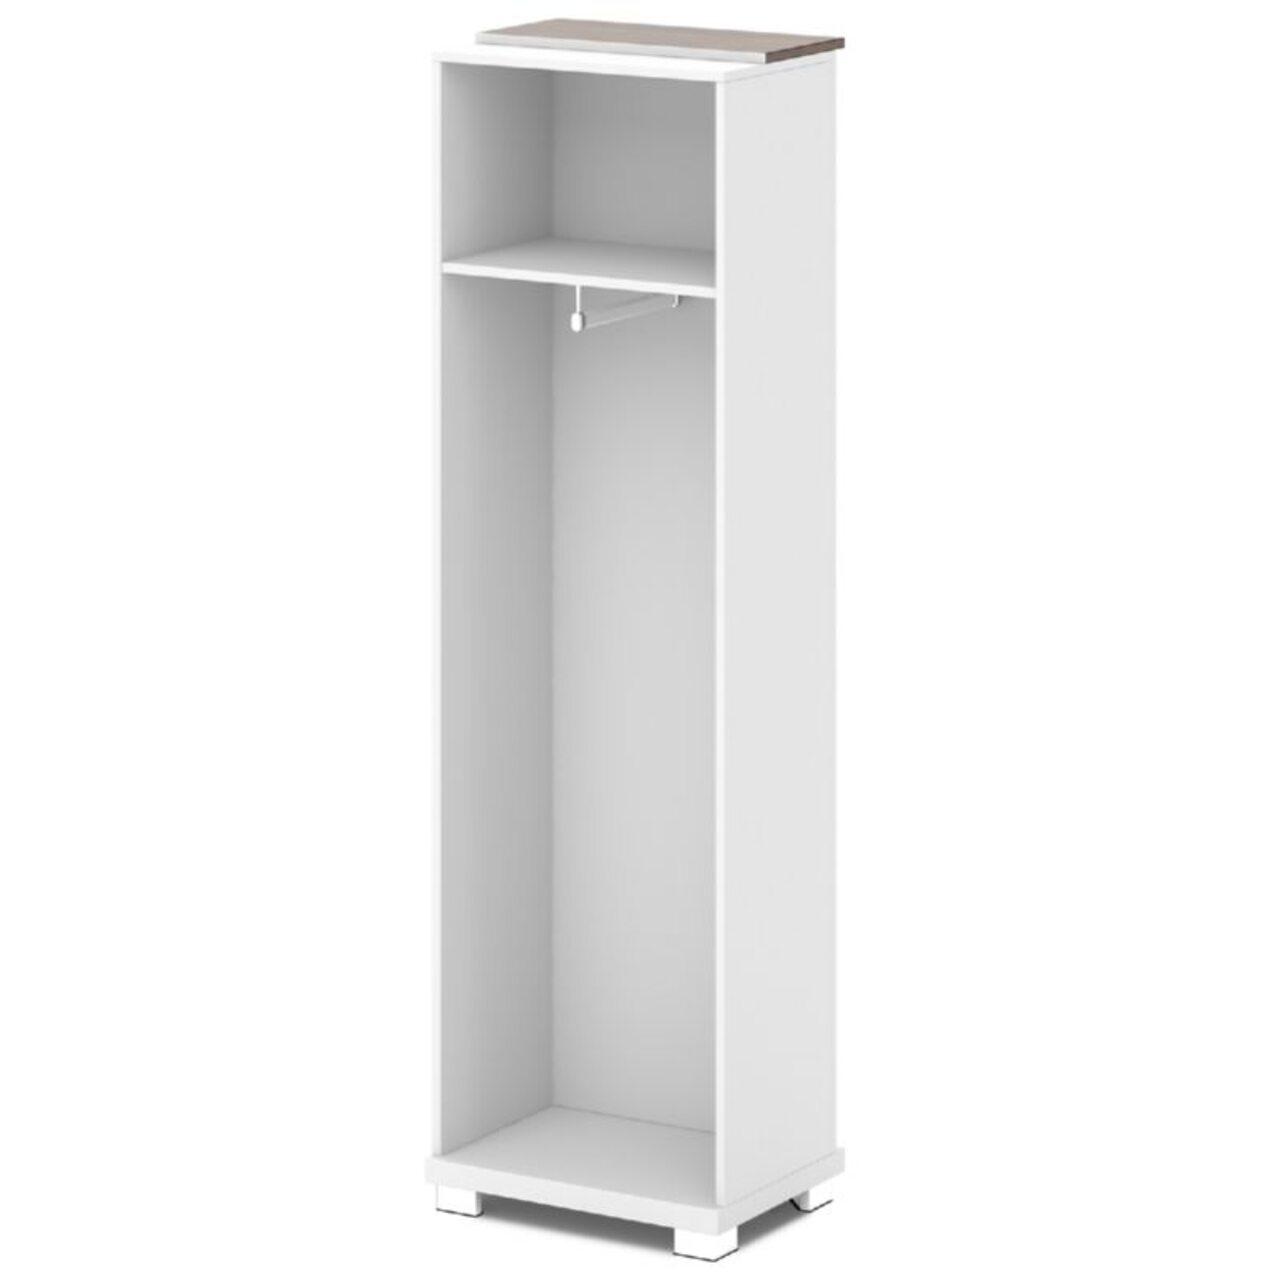 Каркас шкафа для одежды центральный - фото 3